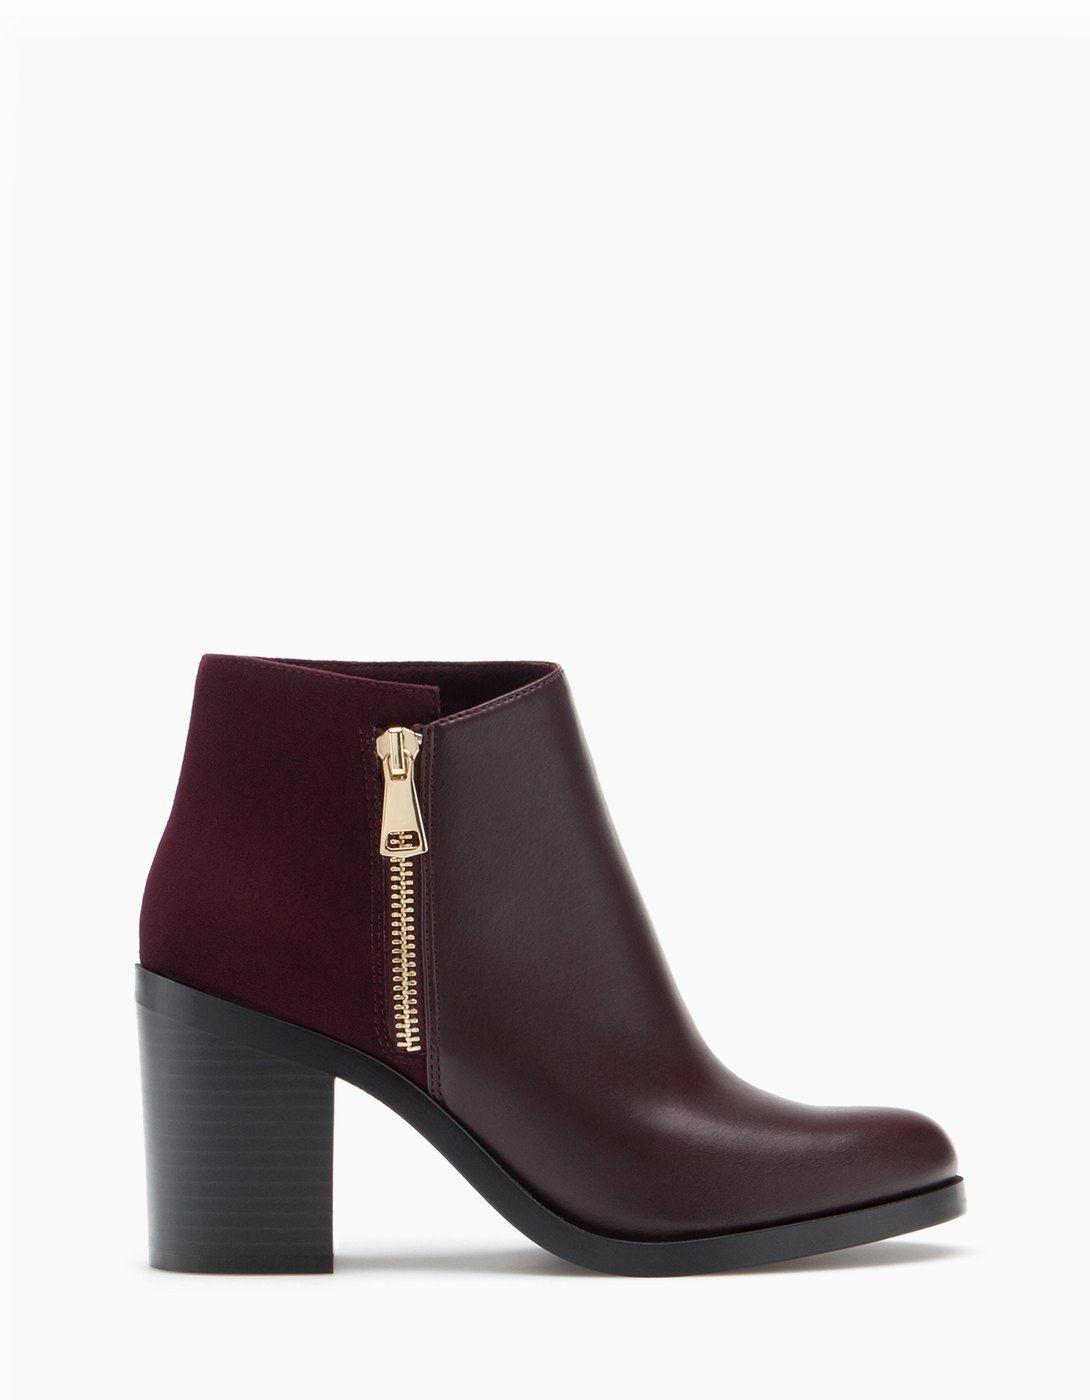 Zapatos negros con cremallera para mujer Precios baratos confiables rfpCN3M